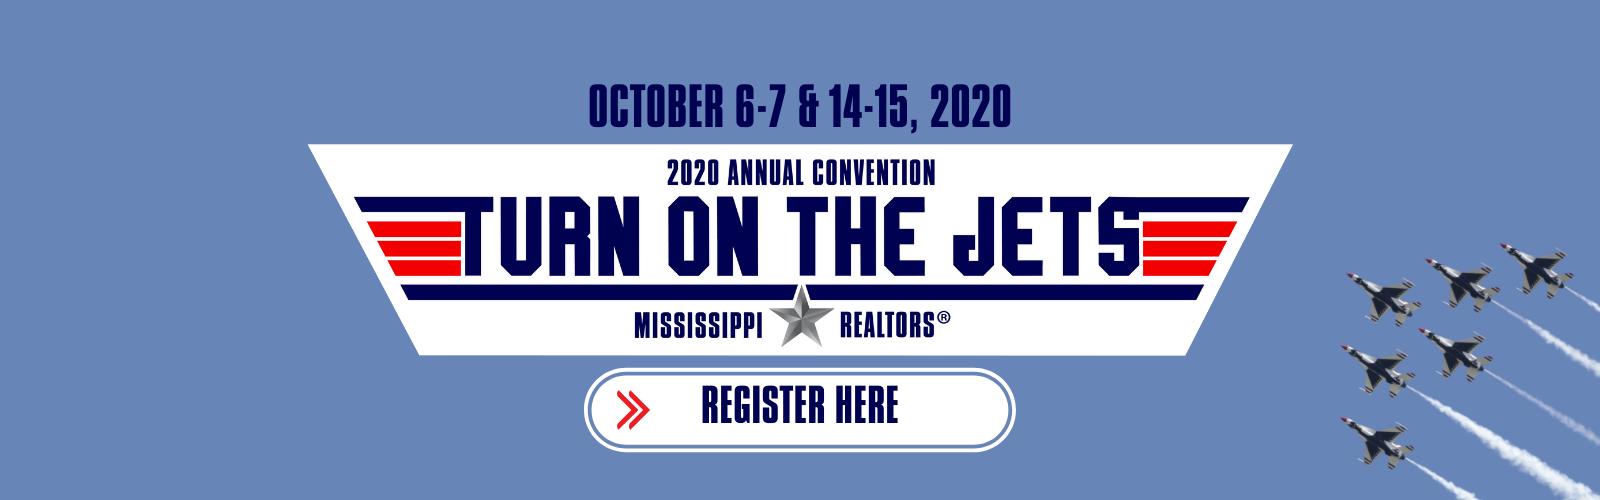 2020 mar virtual convention